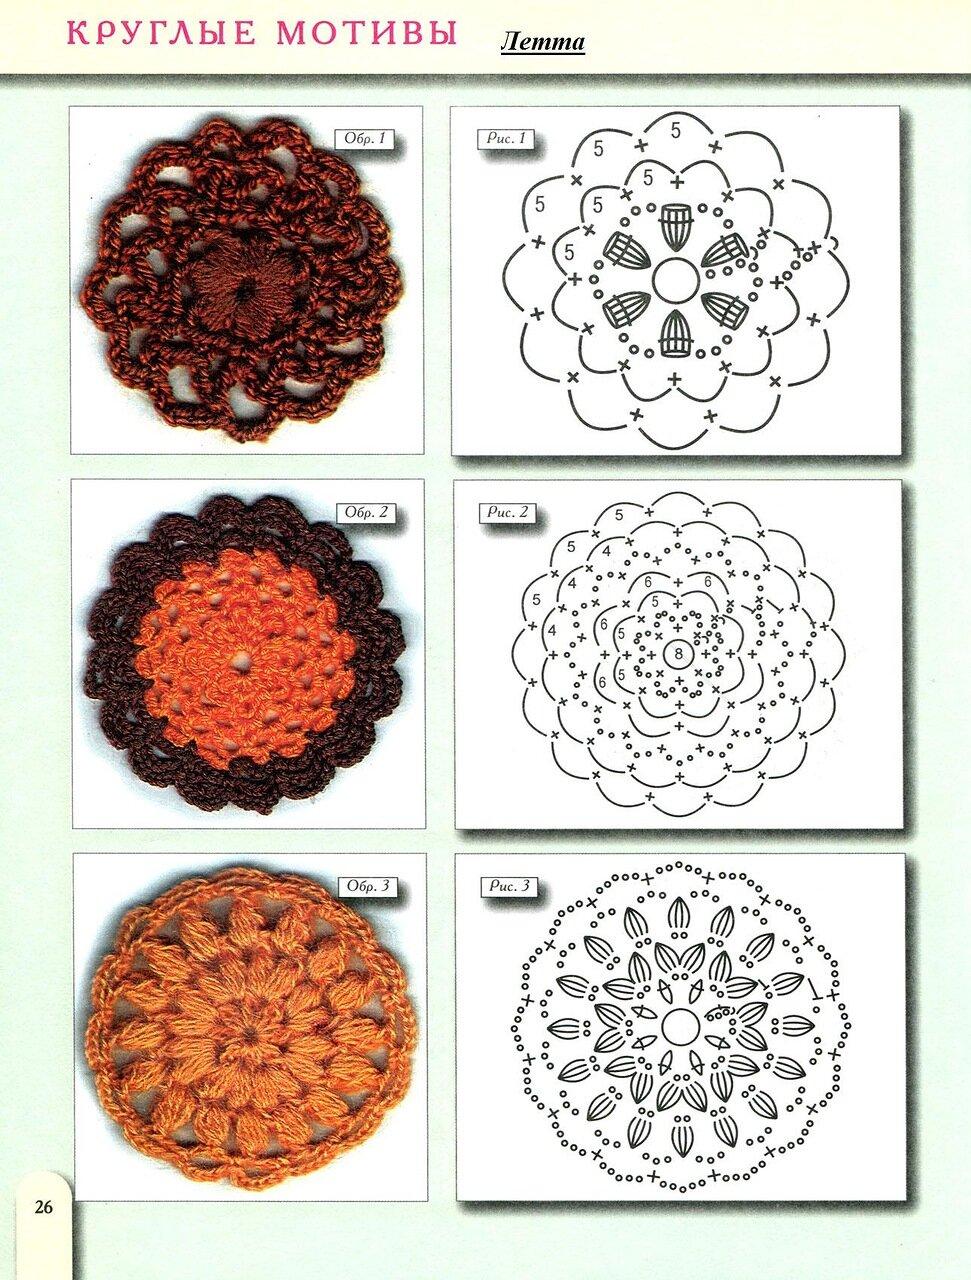 Вязание крючком круглые мотивы фото